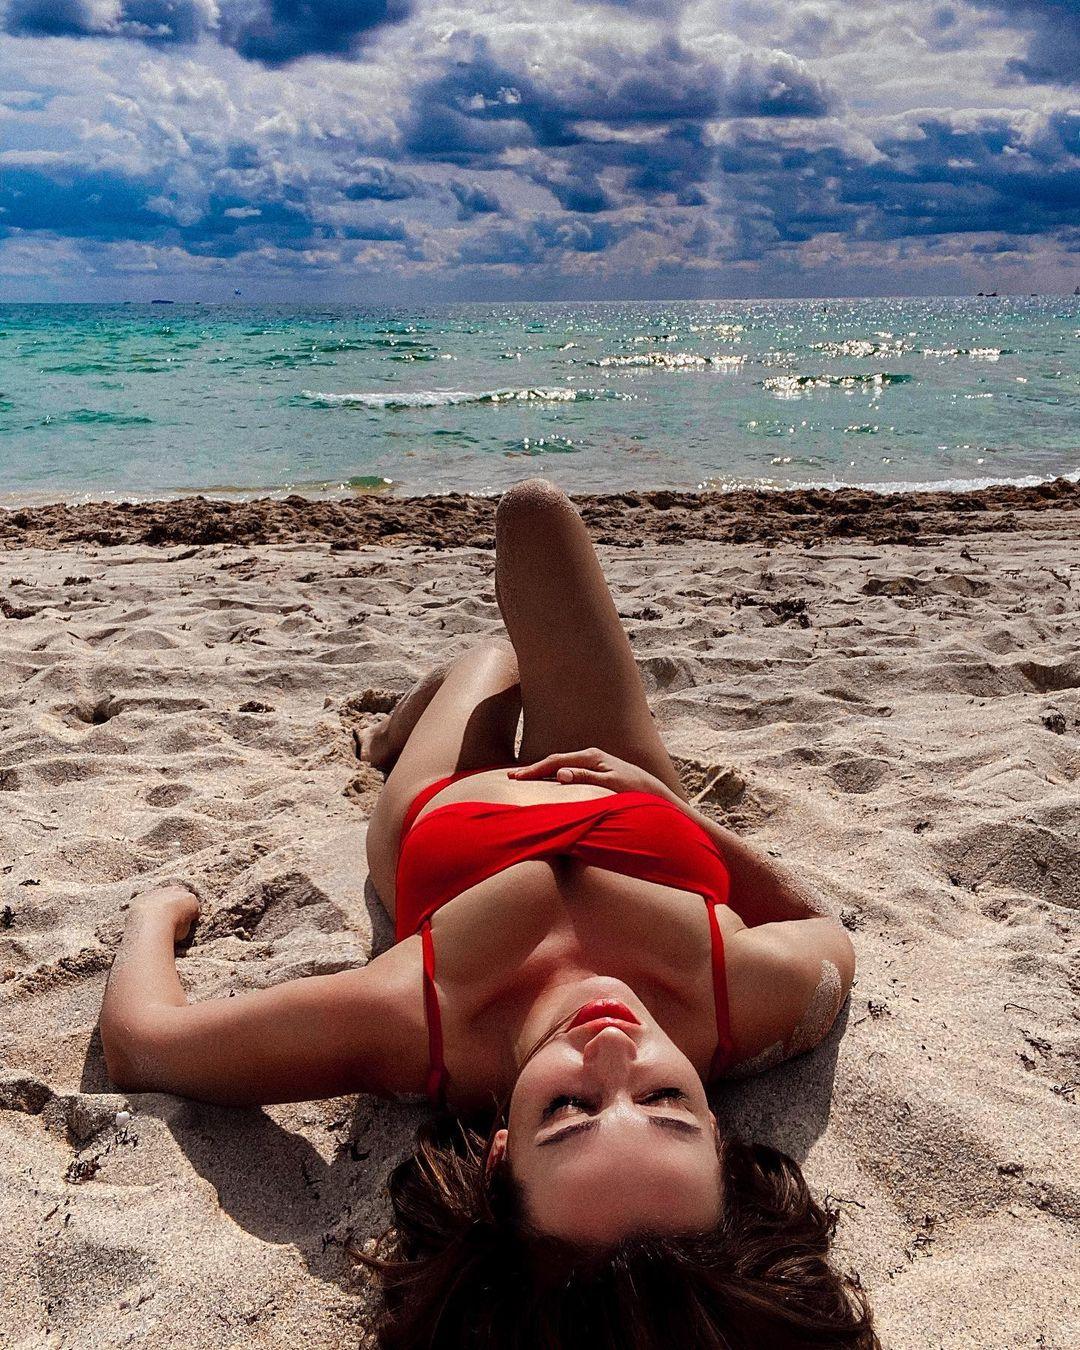 Анфиса Чехова опубликовала горячие фотографии в красном бикини на пляже